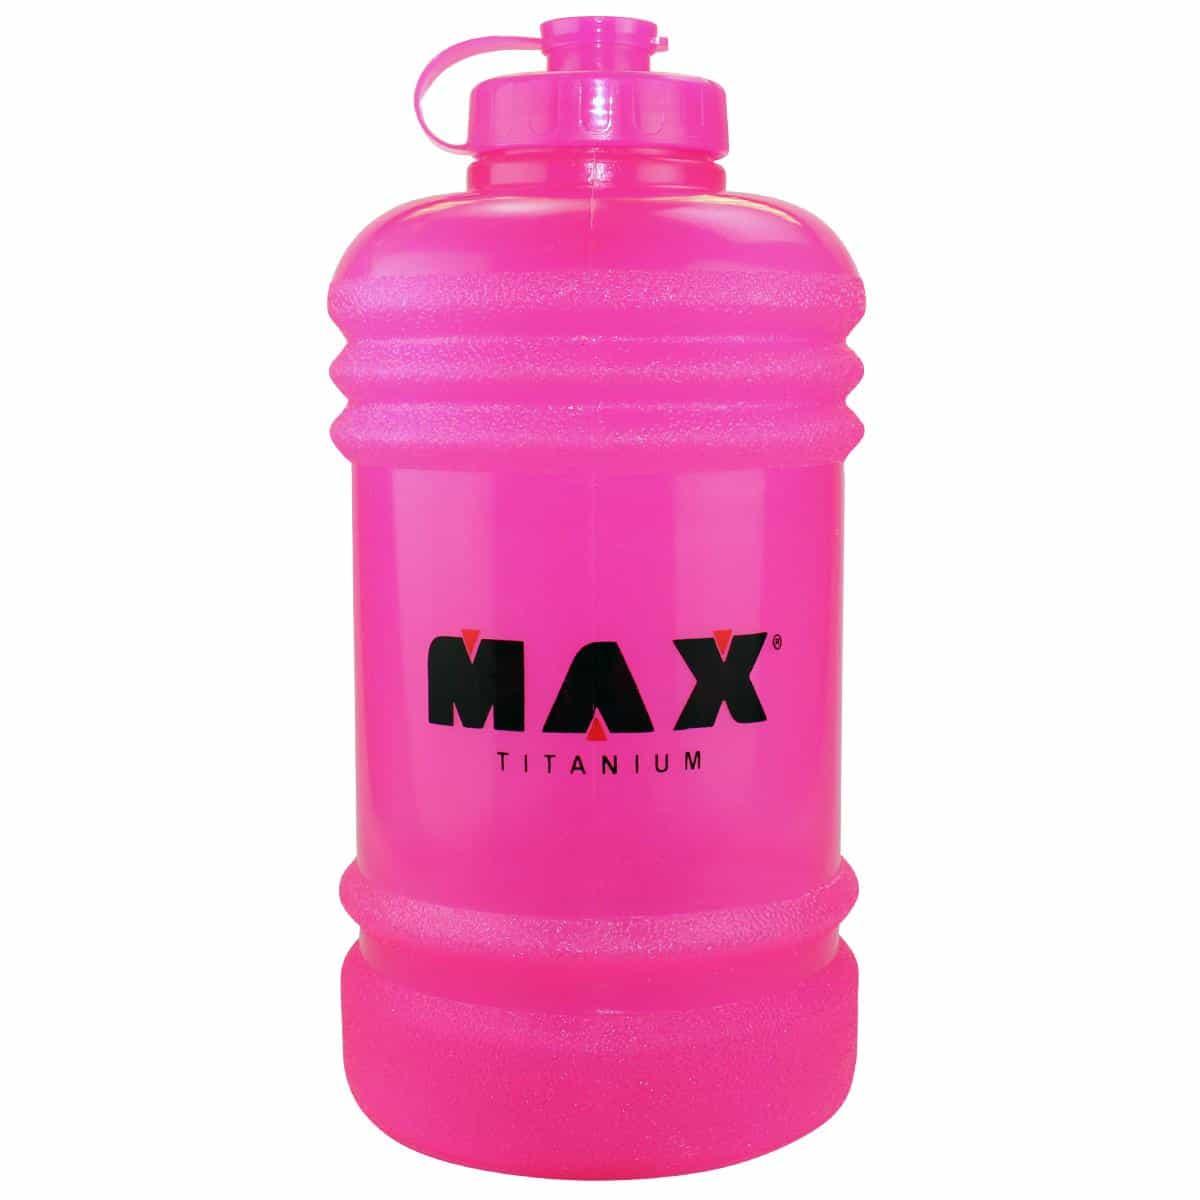 Galão Max Rosa (2,2 Litros) - Max Titanium